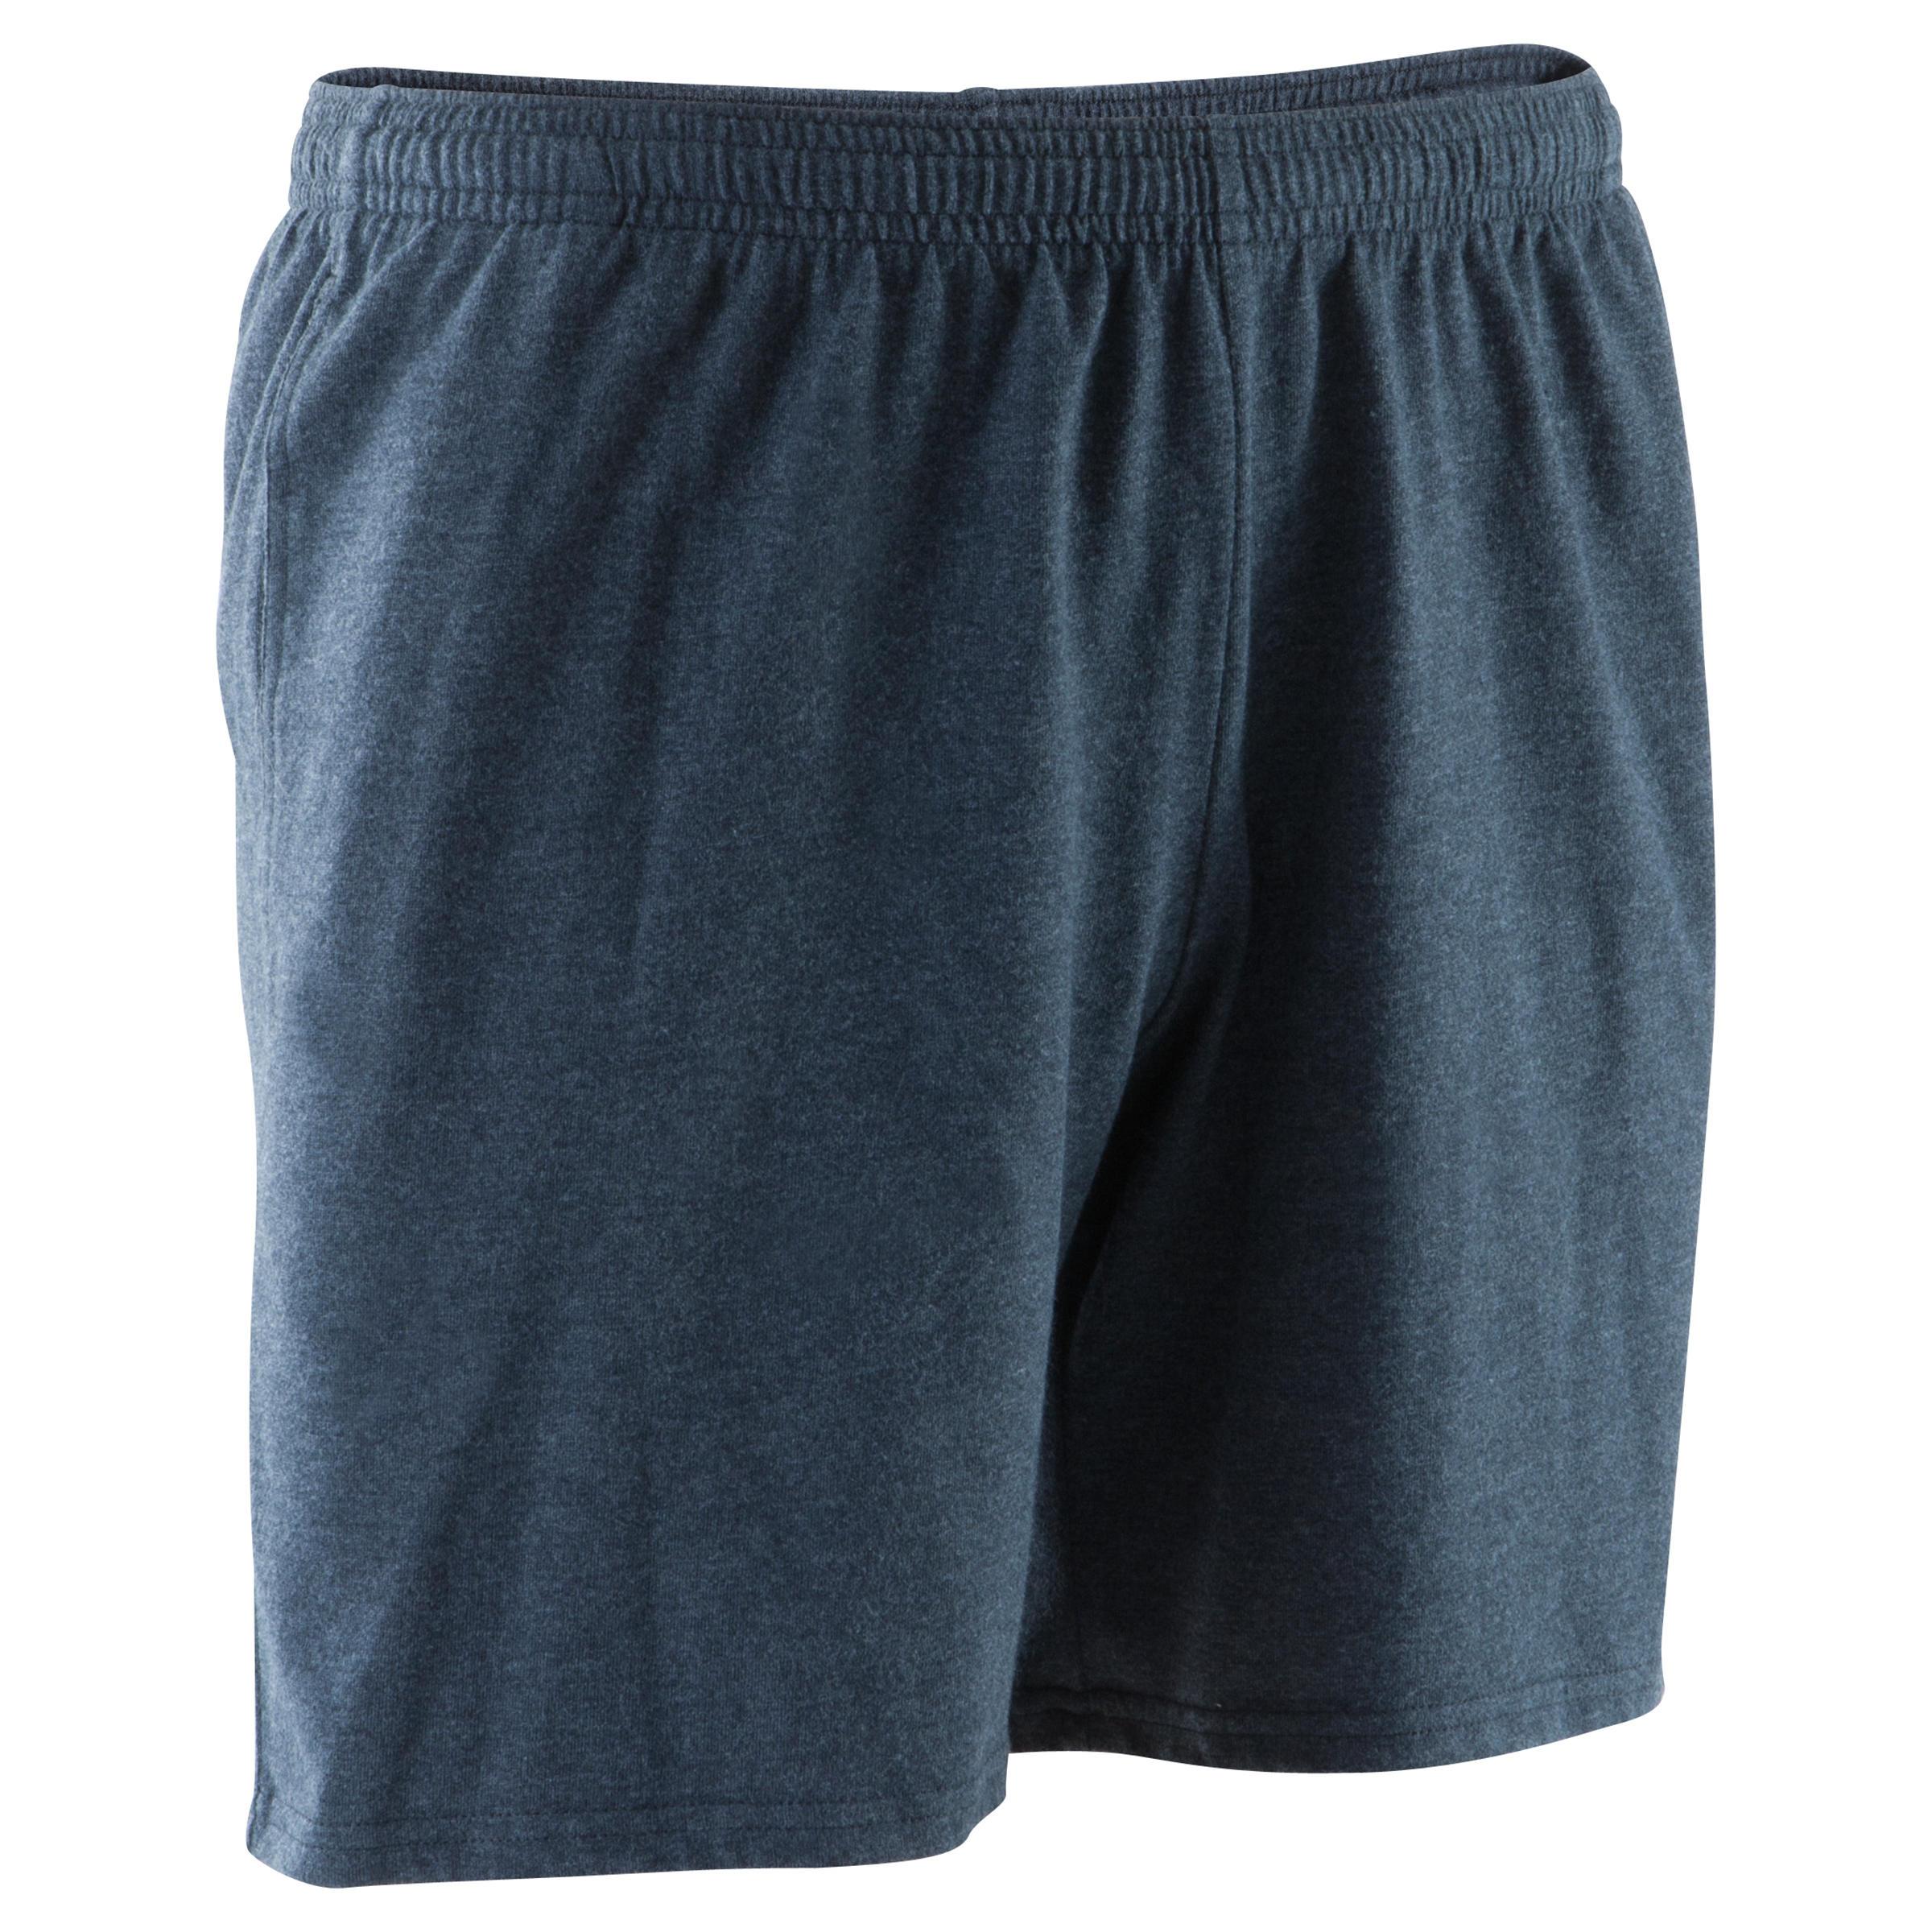 Short por medio muslo de gimnasia y pilates para hombre gris oscuro